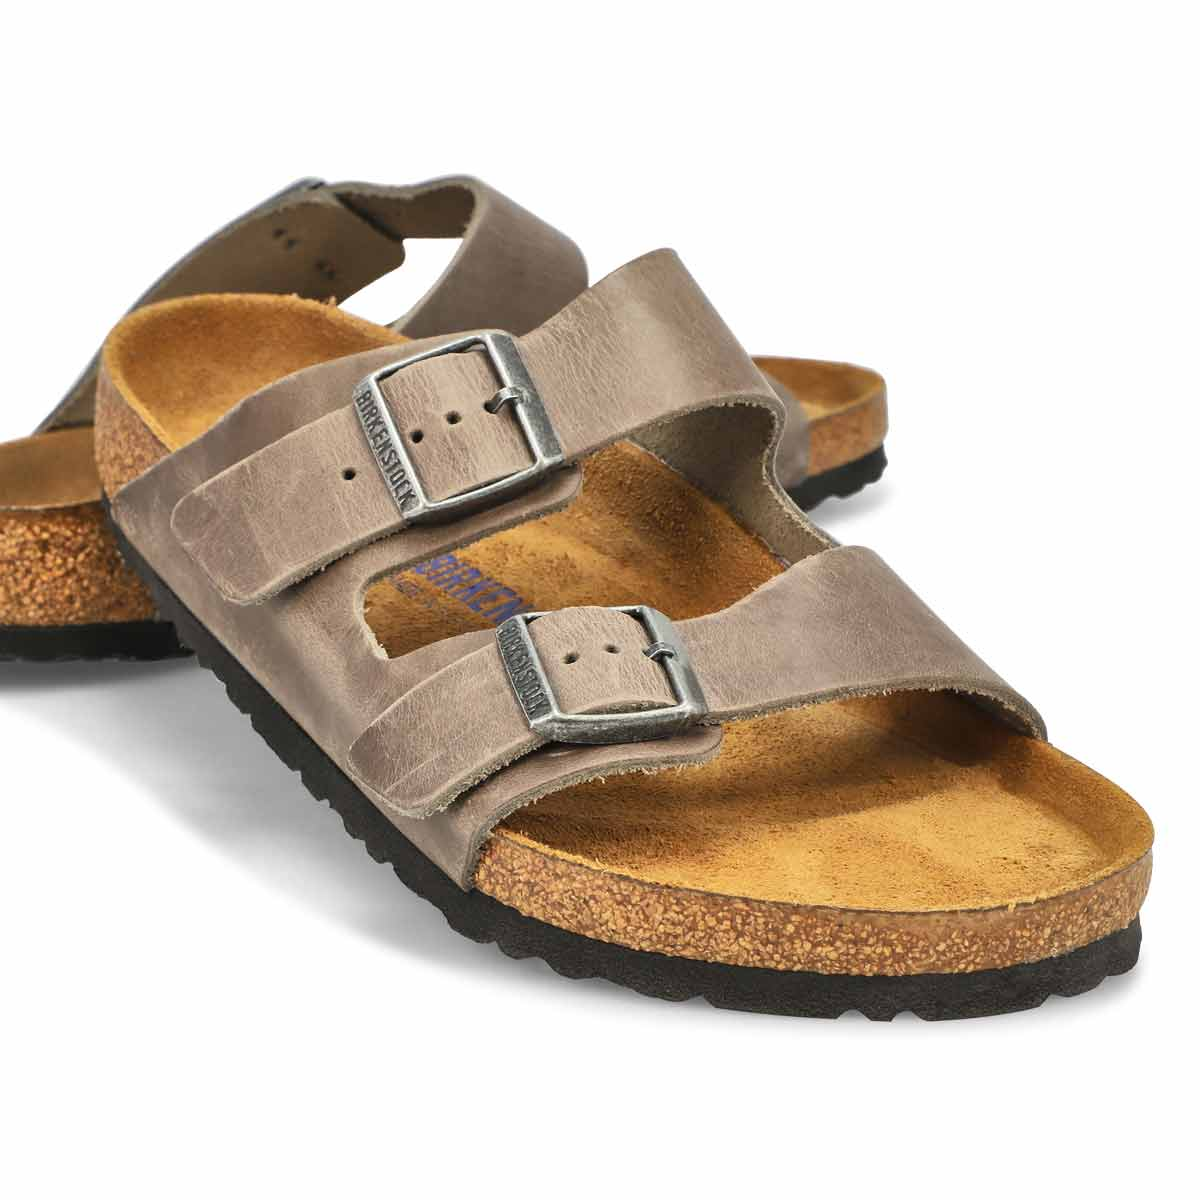 Sandale 2brides Arizona OLTR, fer, hom.